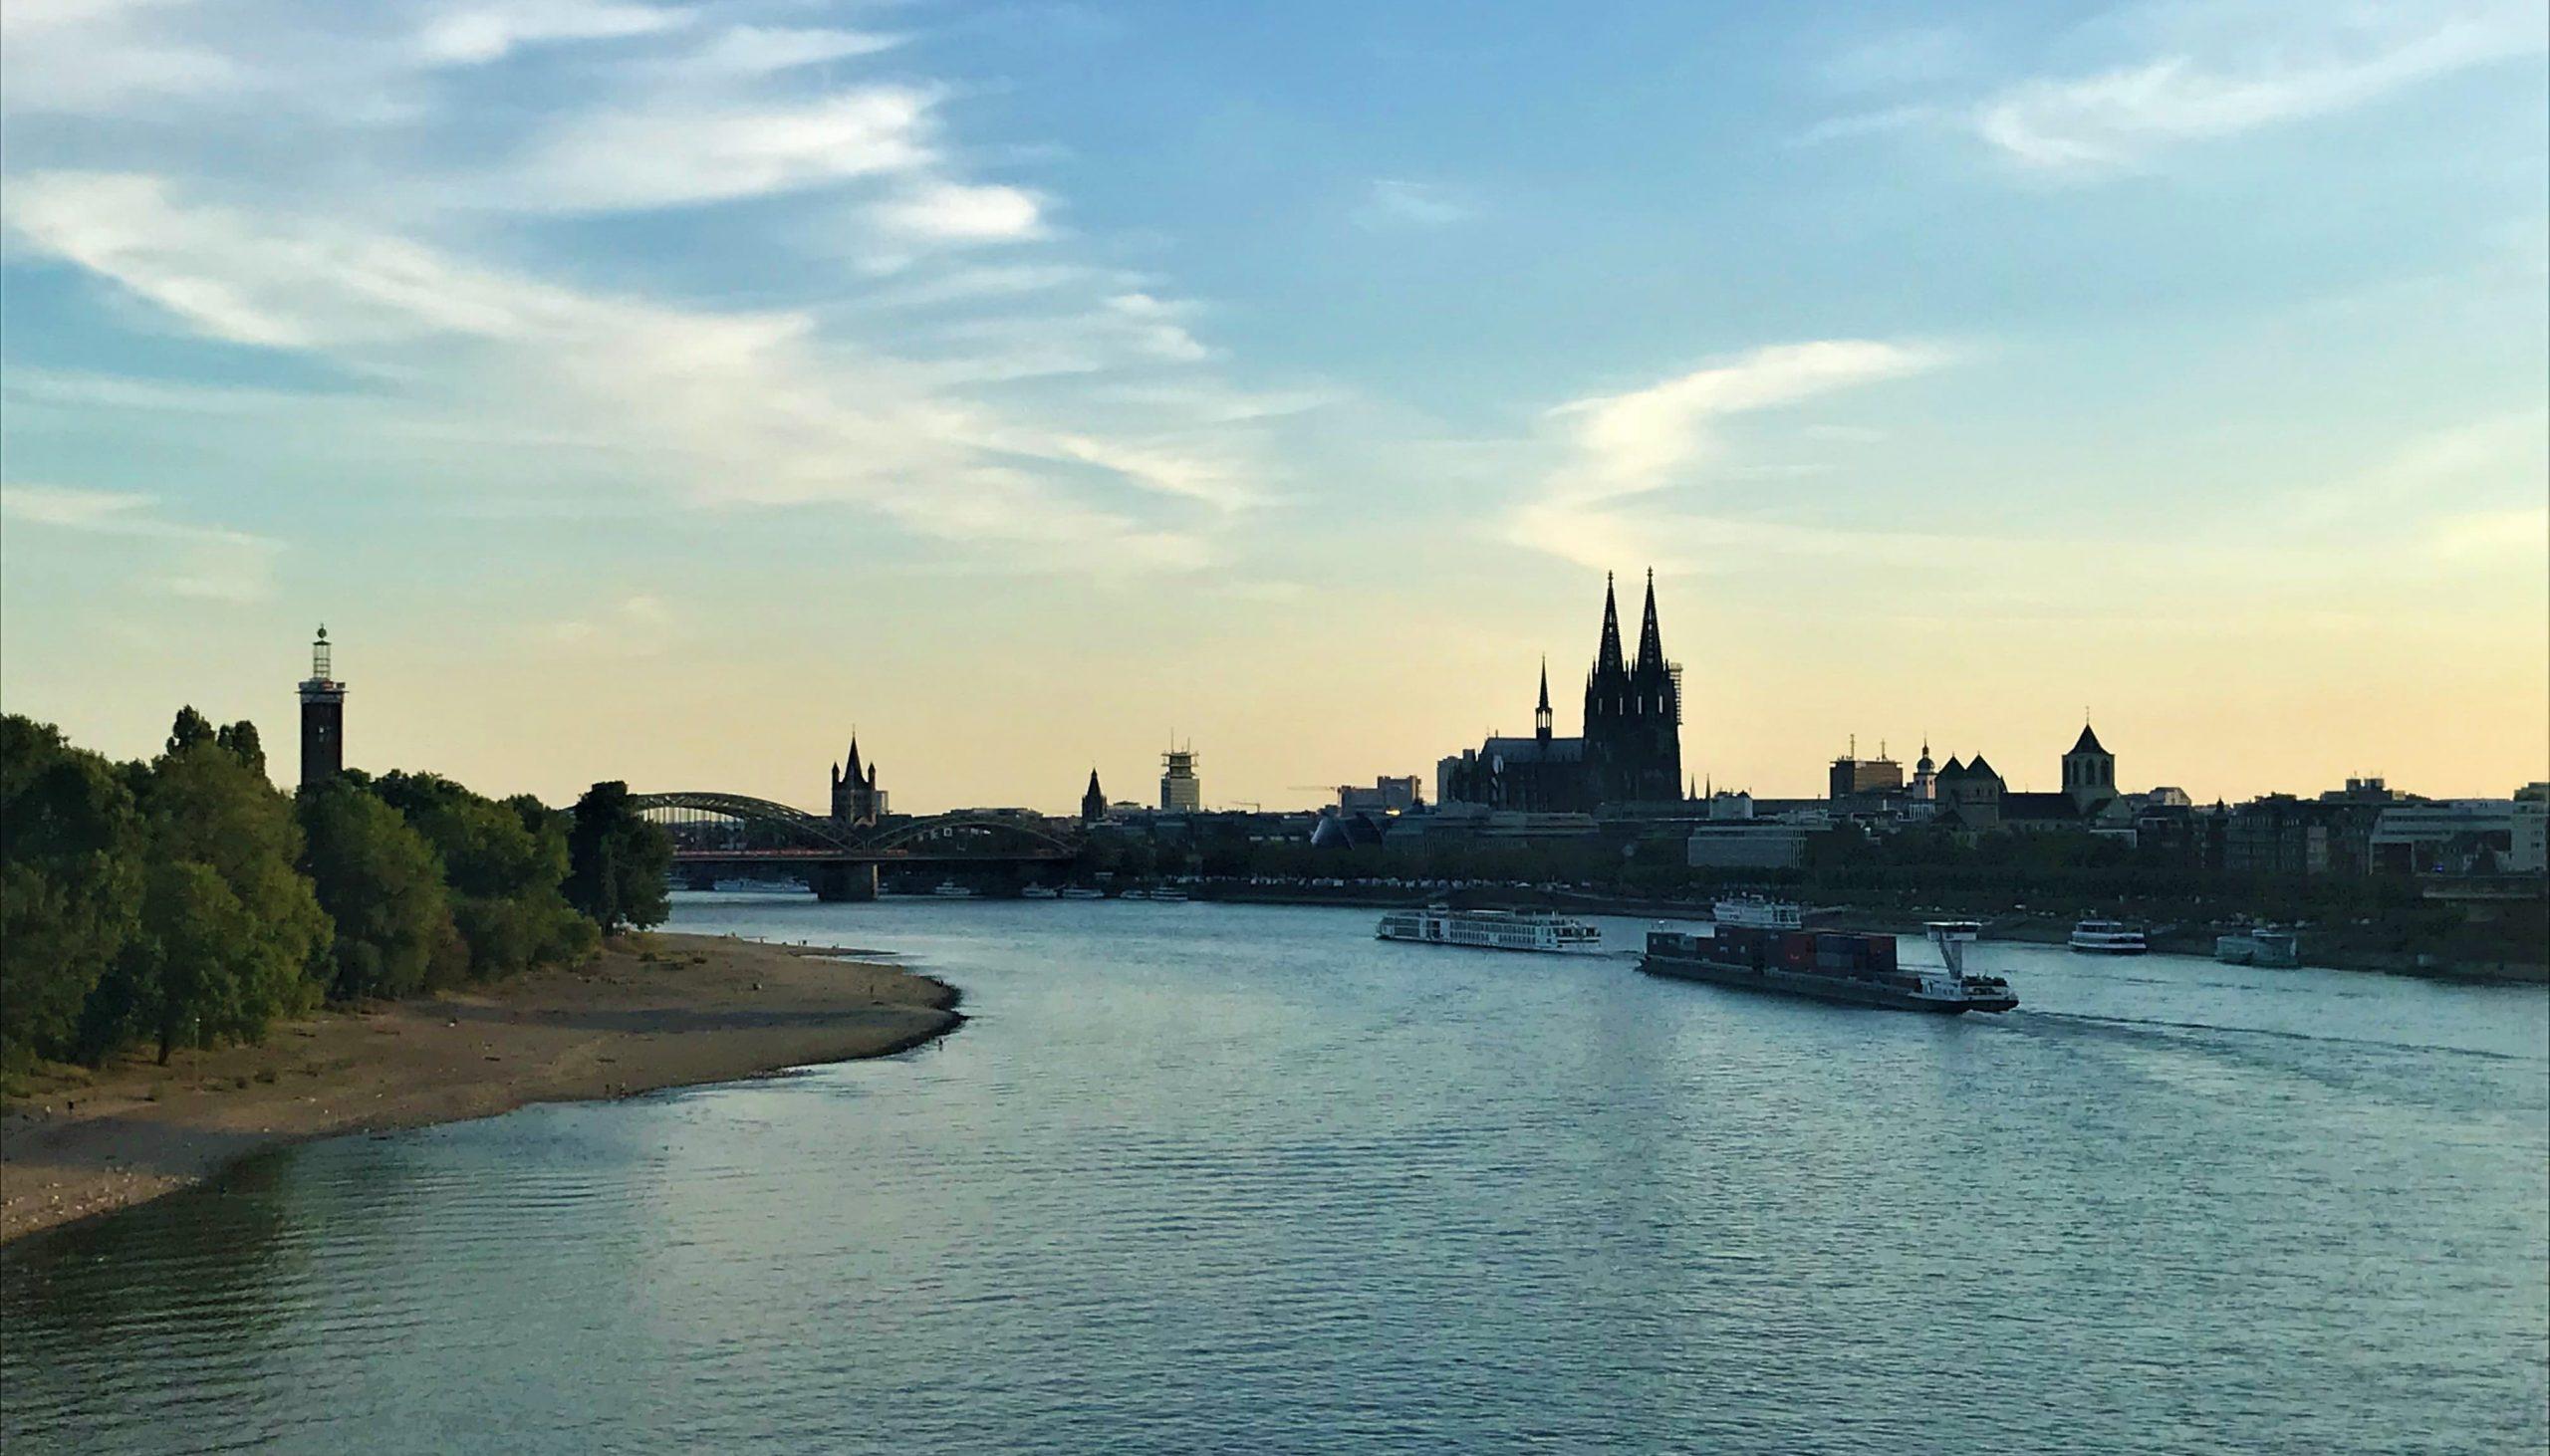 les quais du Rhin à Cologne